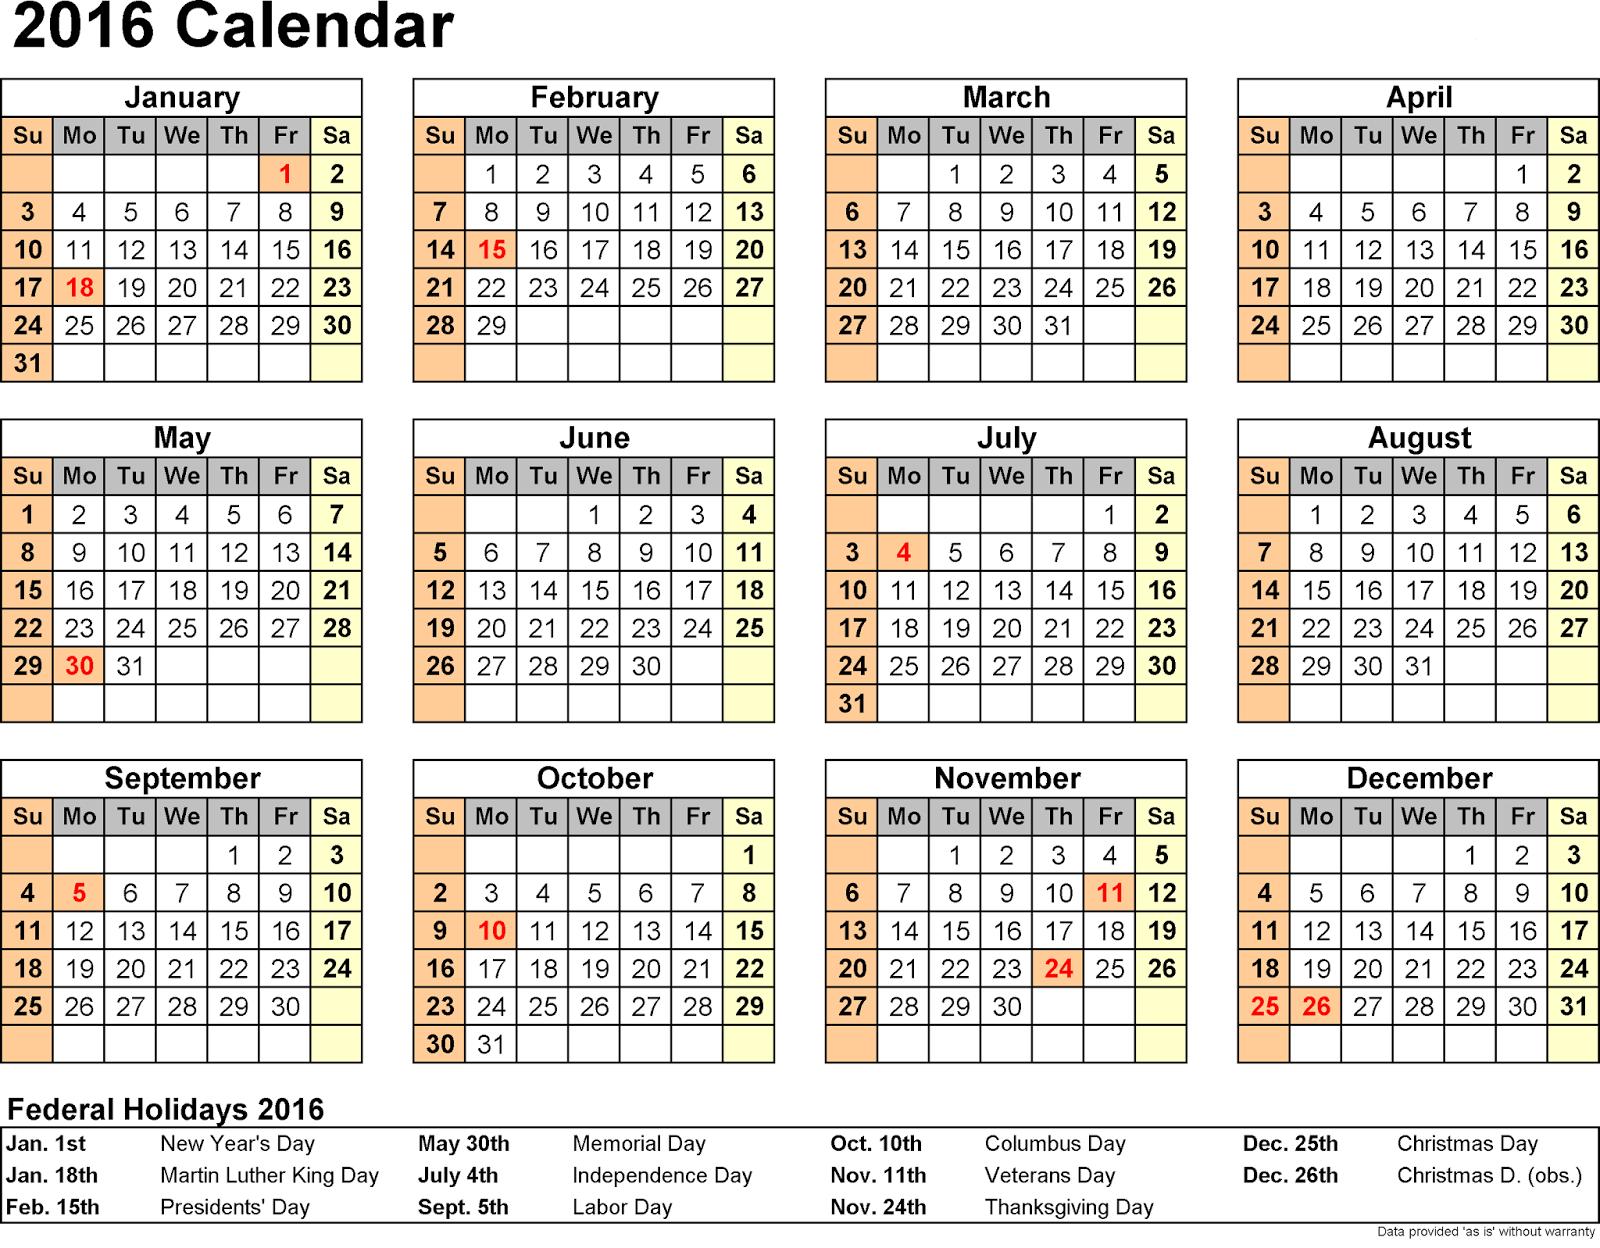 weekly calendar 2016 template weekly calendar 2016 word Weekly ...